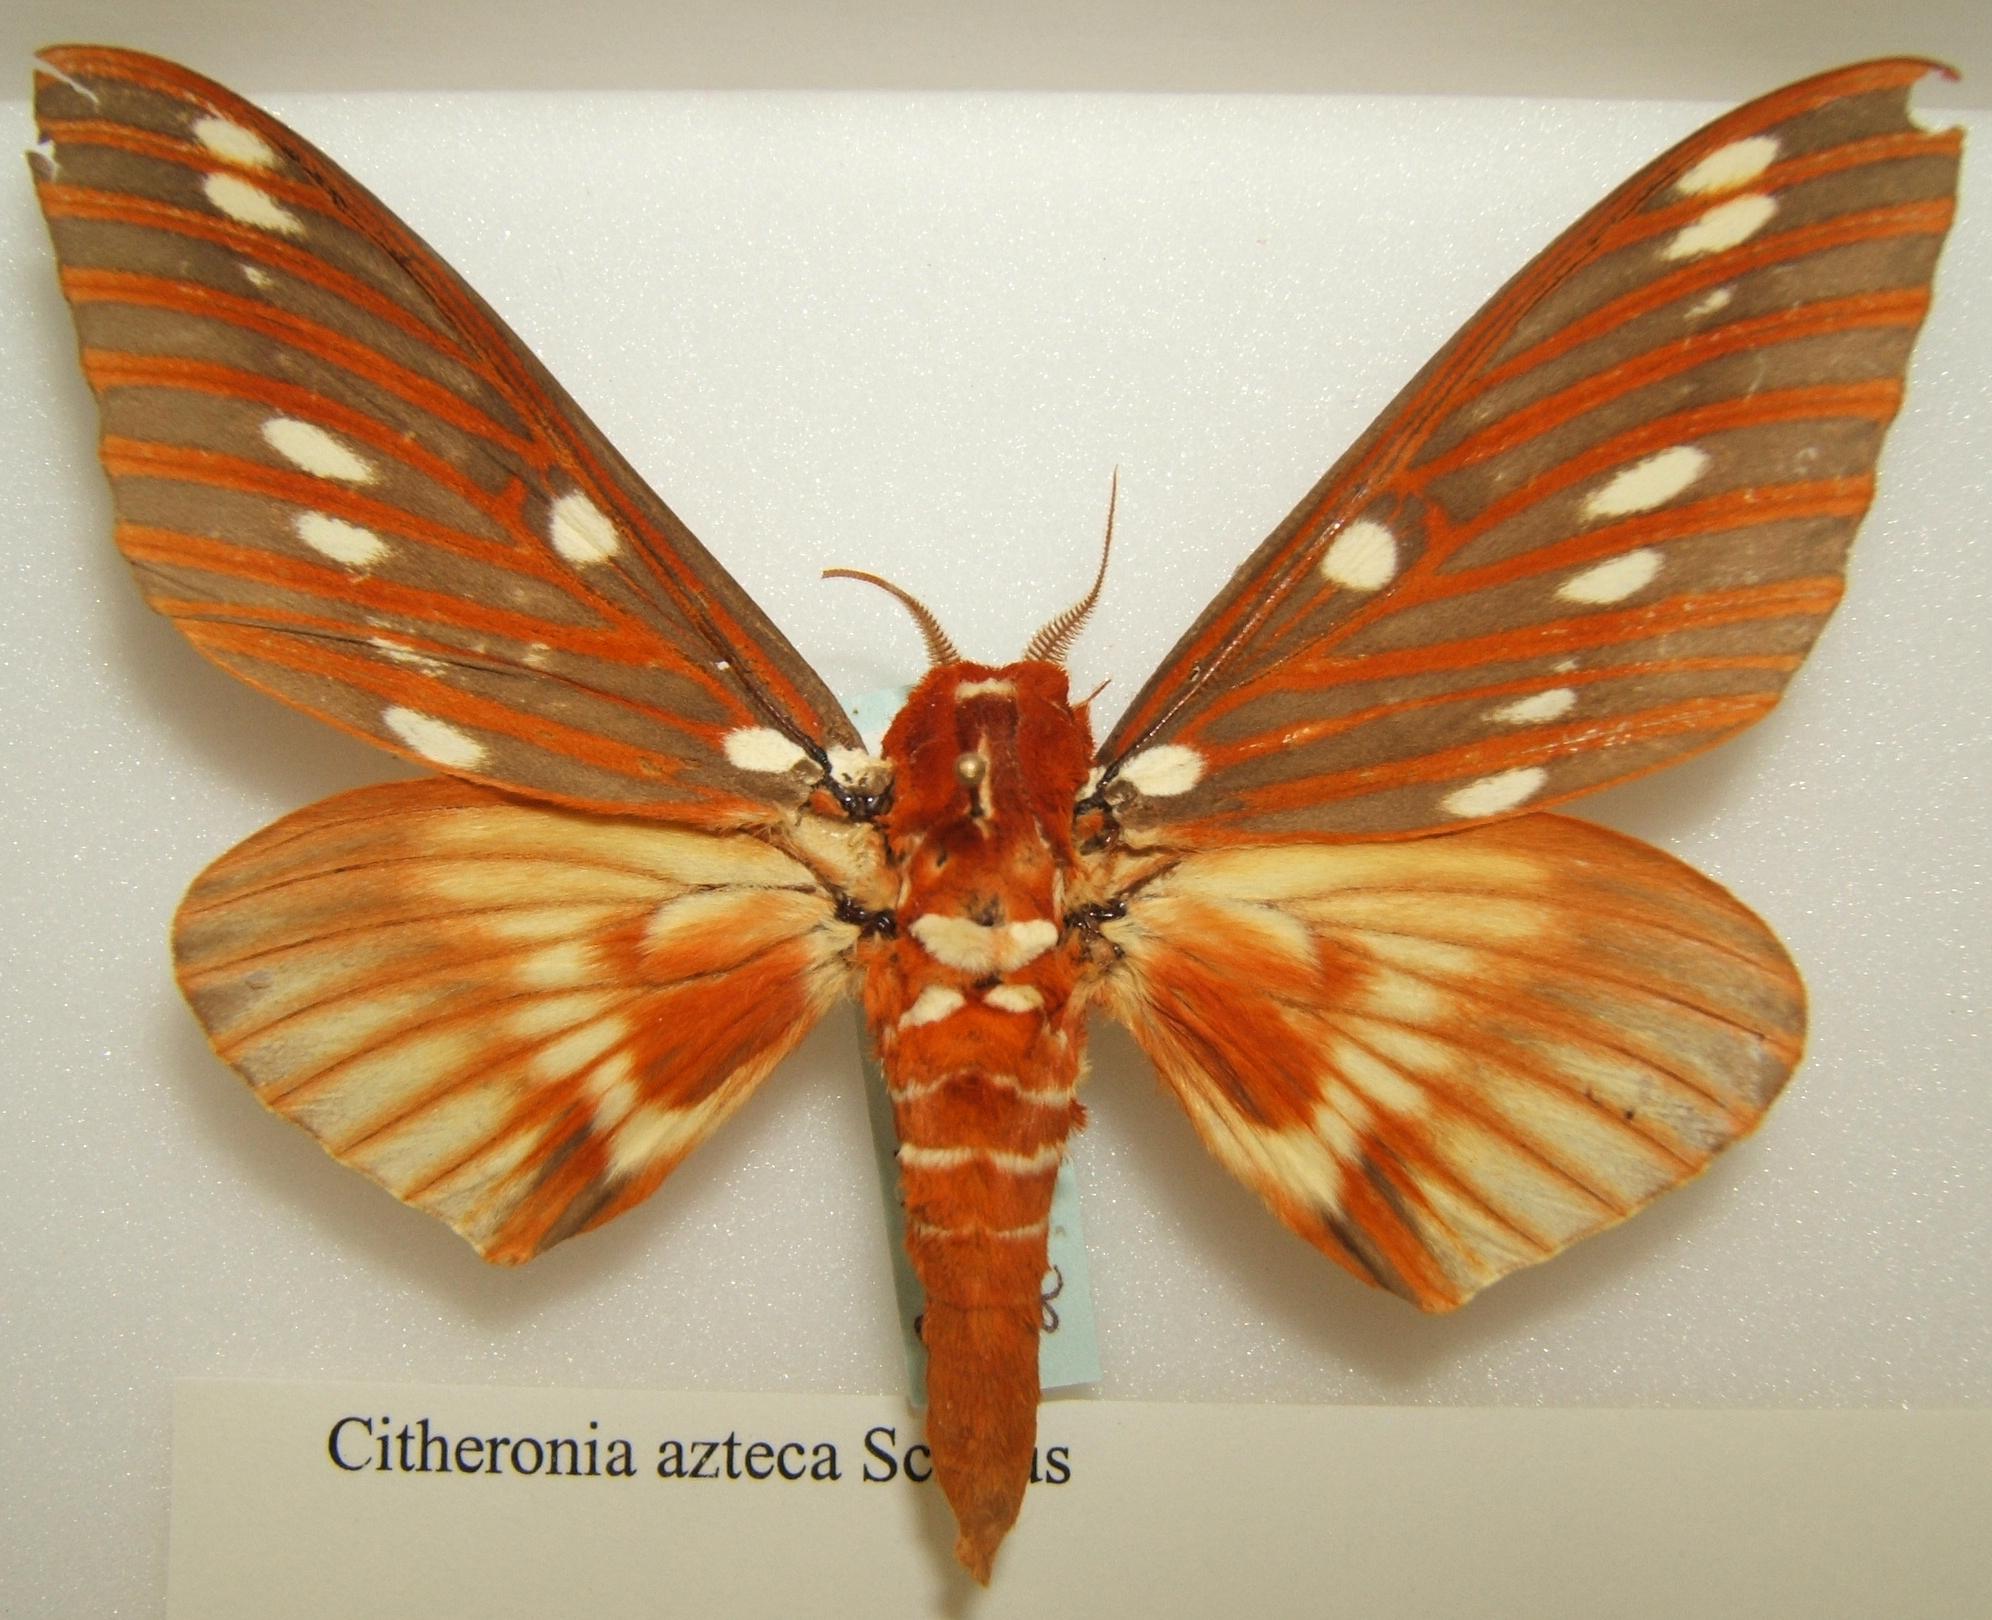 Sưu tập Bộ cánh vẩy  - Page 19 Citheronia_azteca_male_sjh